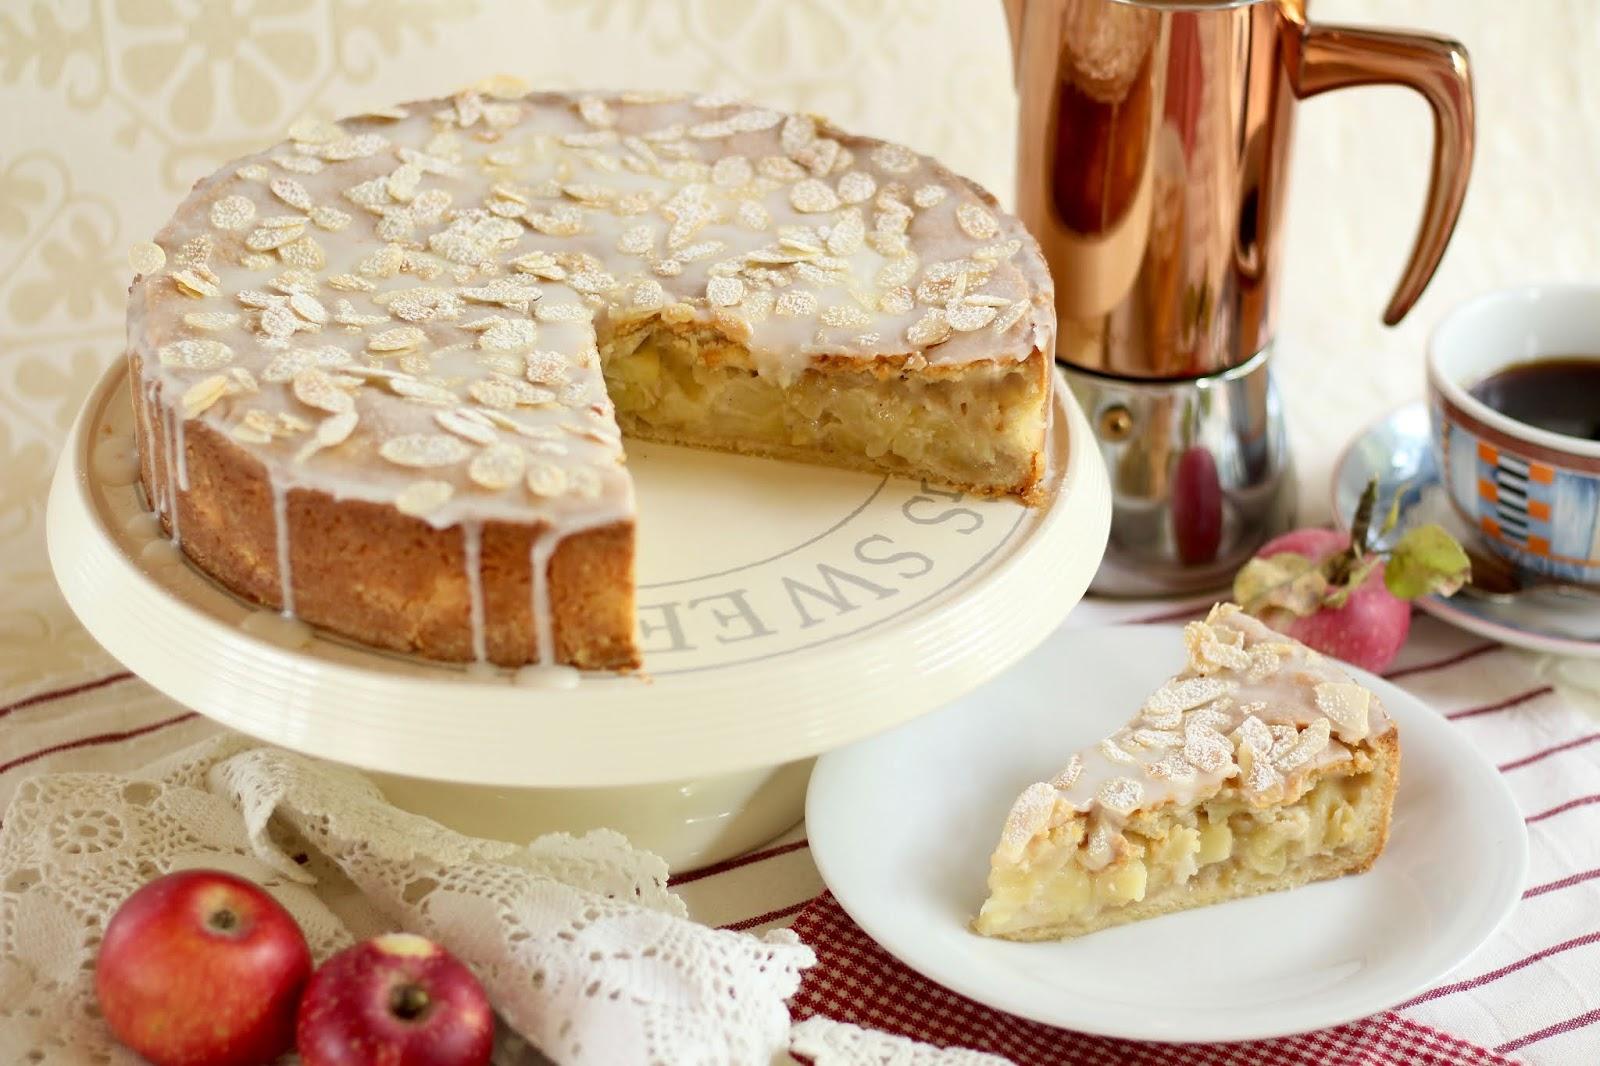 Gedeckter Apfelkuchen. Köstliche, herbstliche Apfeltorte! | Rezept und Video